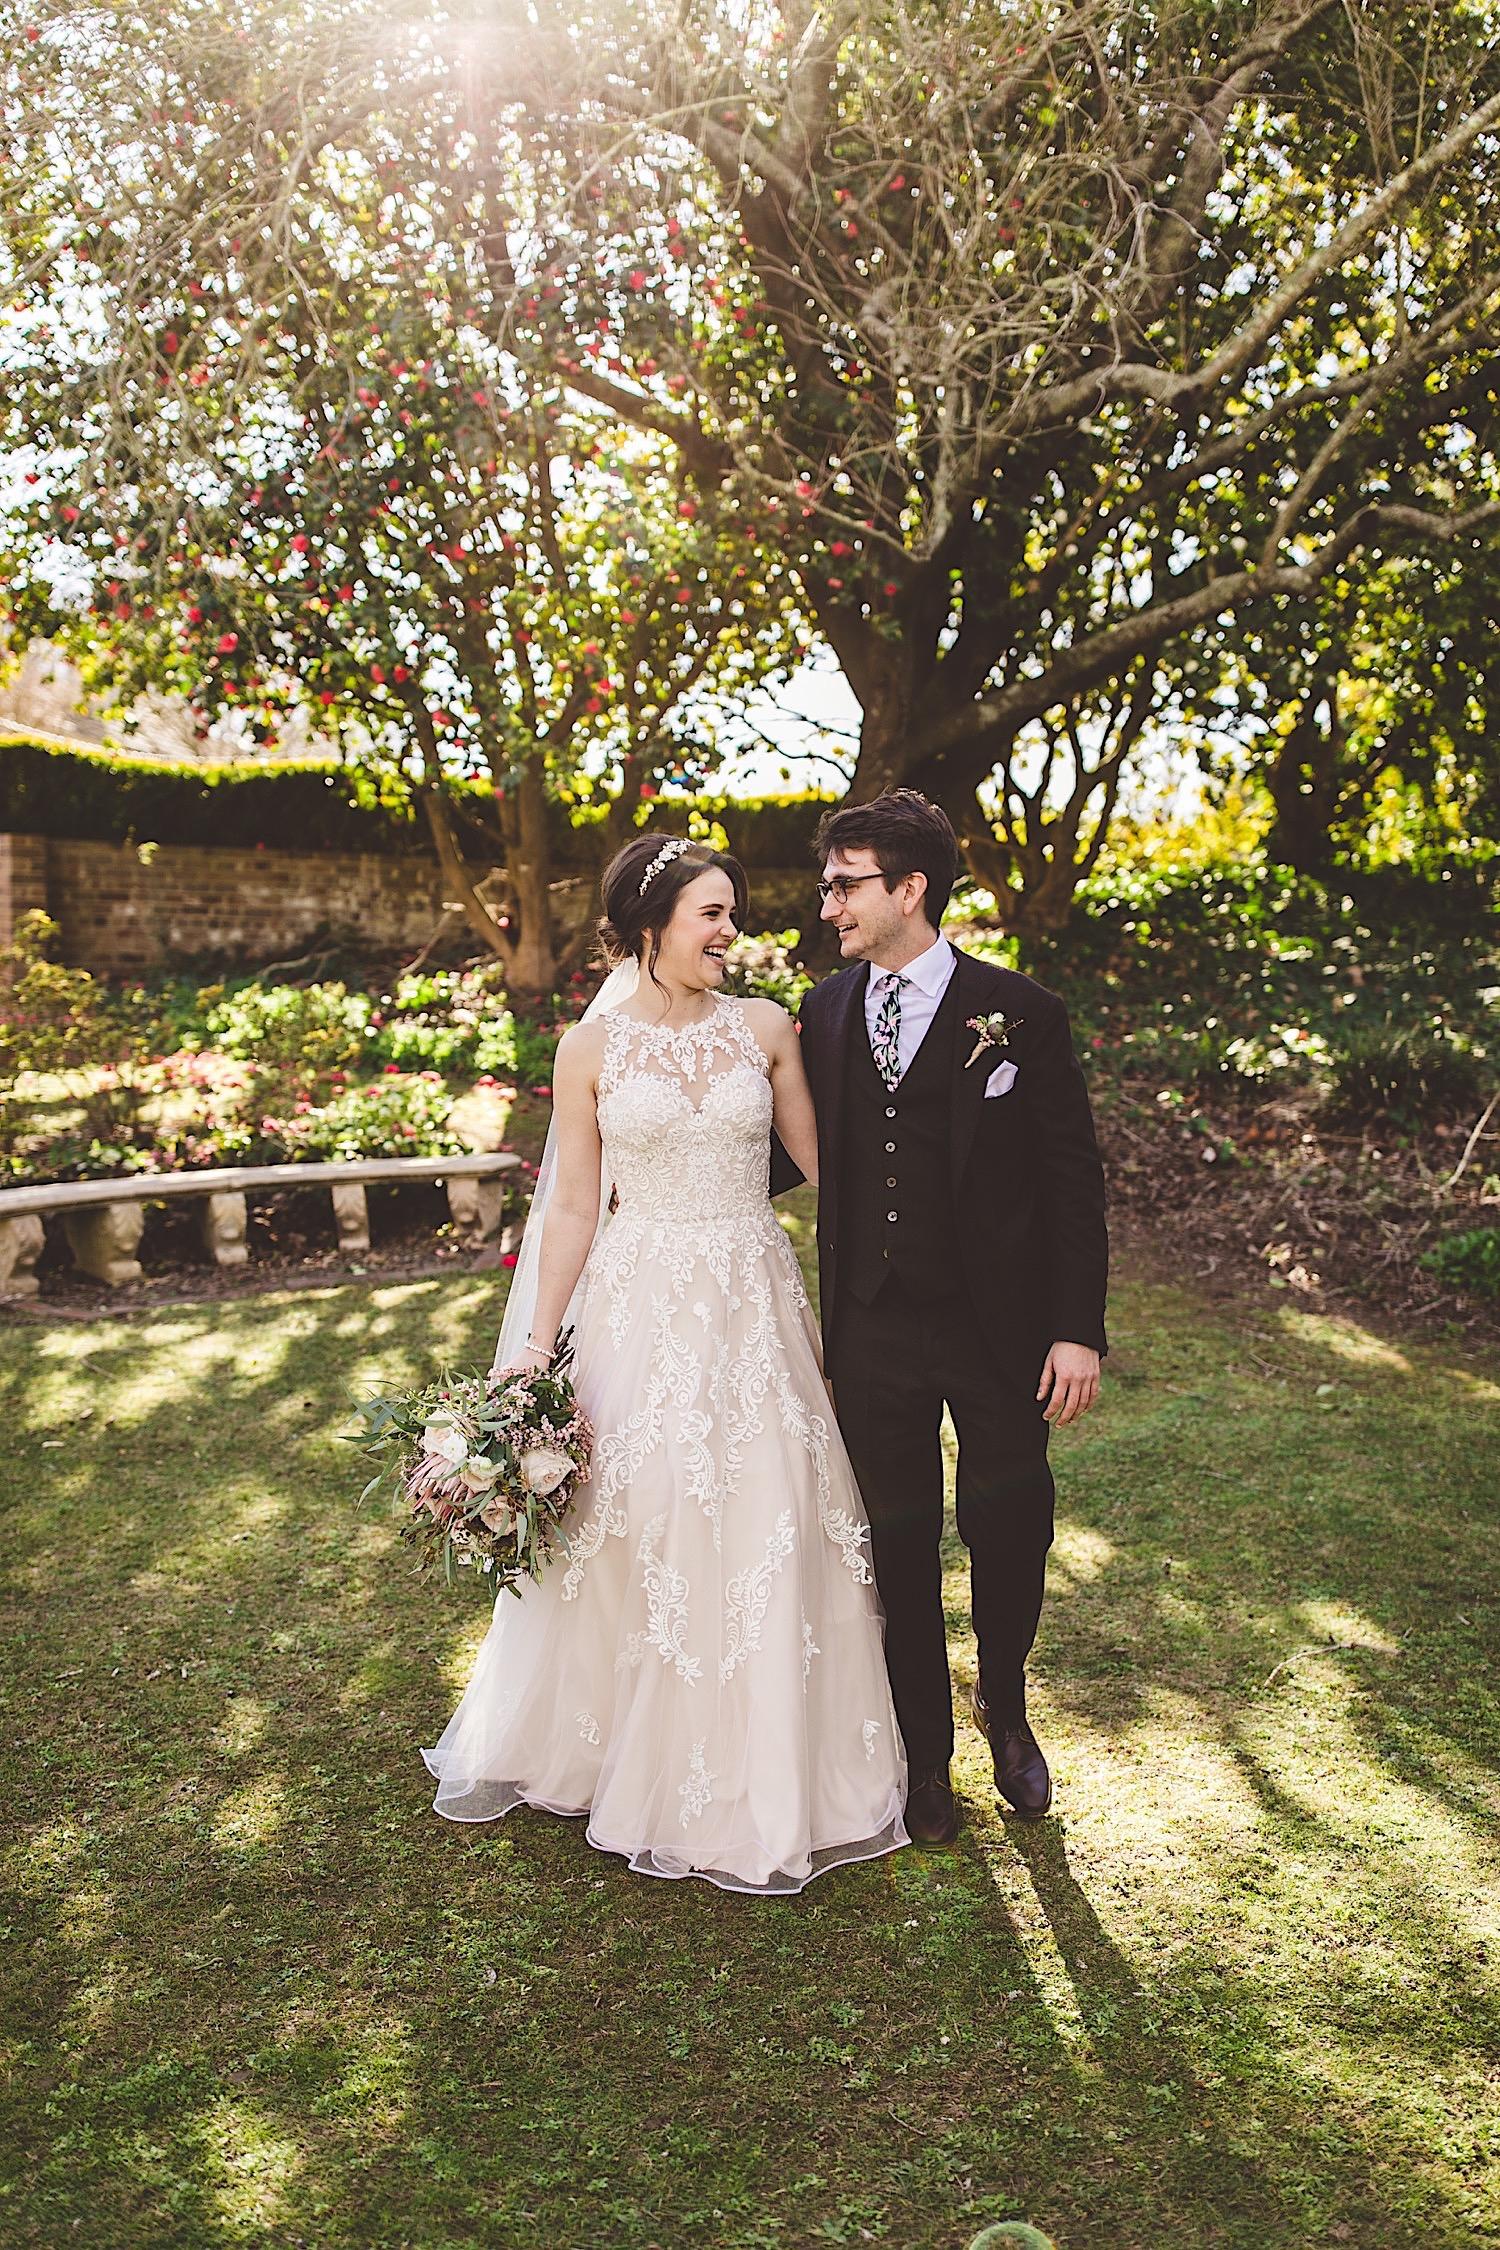 sutton-forest-wedding-photography_10.jpg